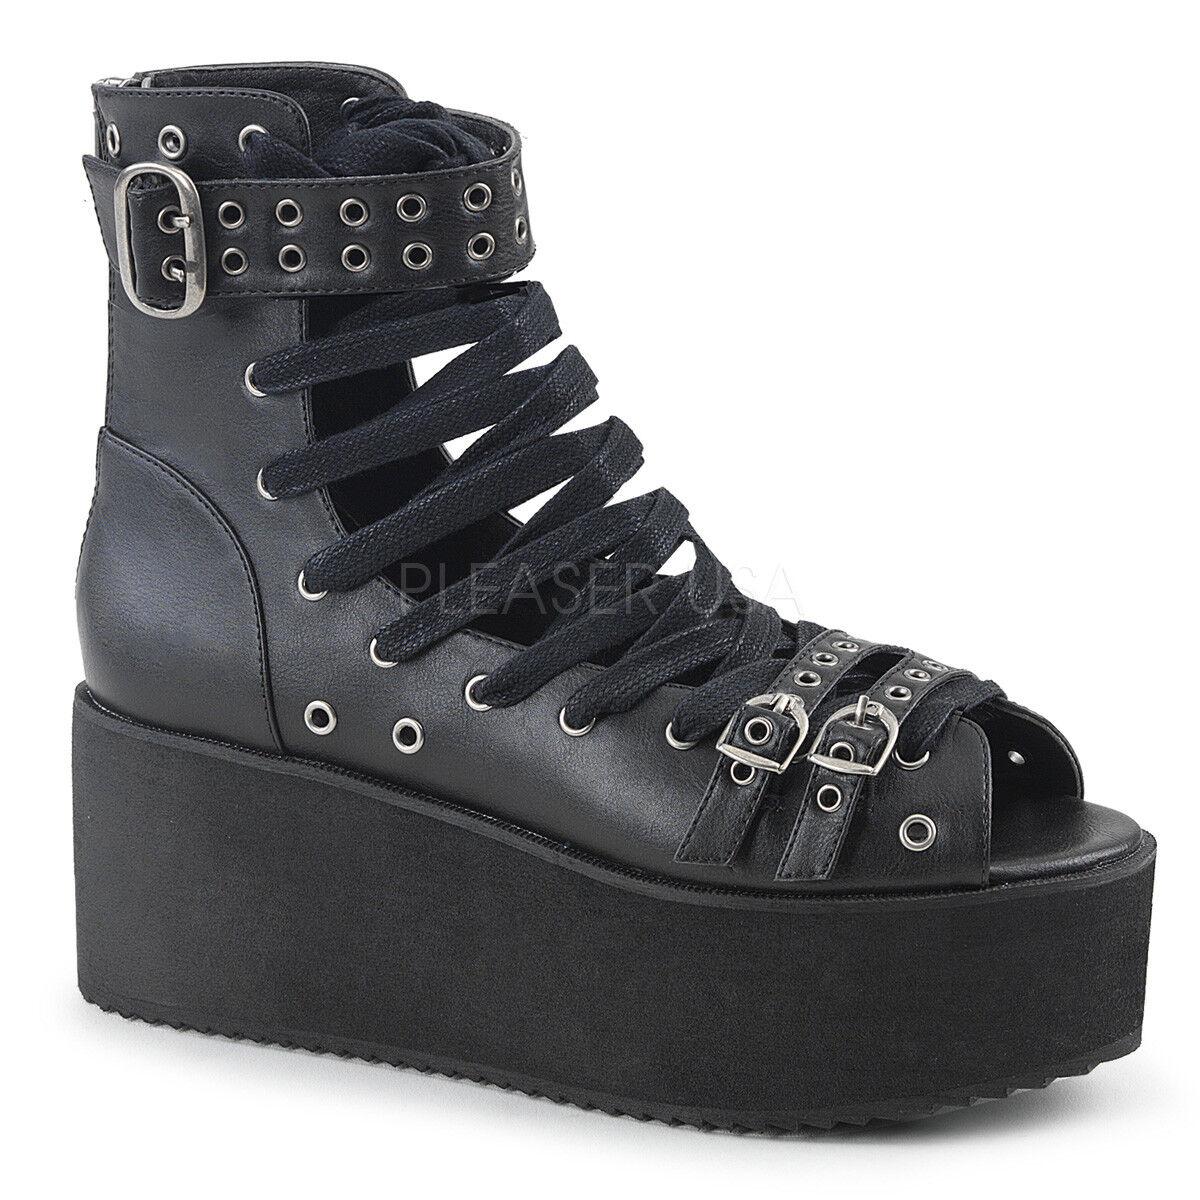 Demonia Demonia Demonia Gótico Punk Con Cordones Agarre 105 BVL Negro botas al Tobillo Alto Sandalias De Plataforma  compra en línea hoy